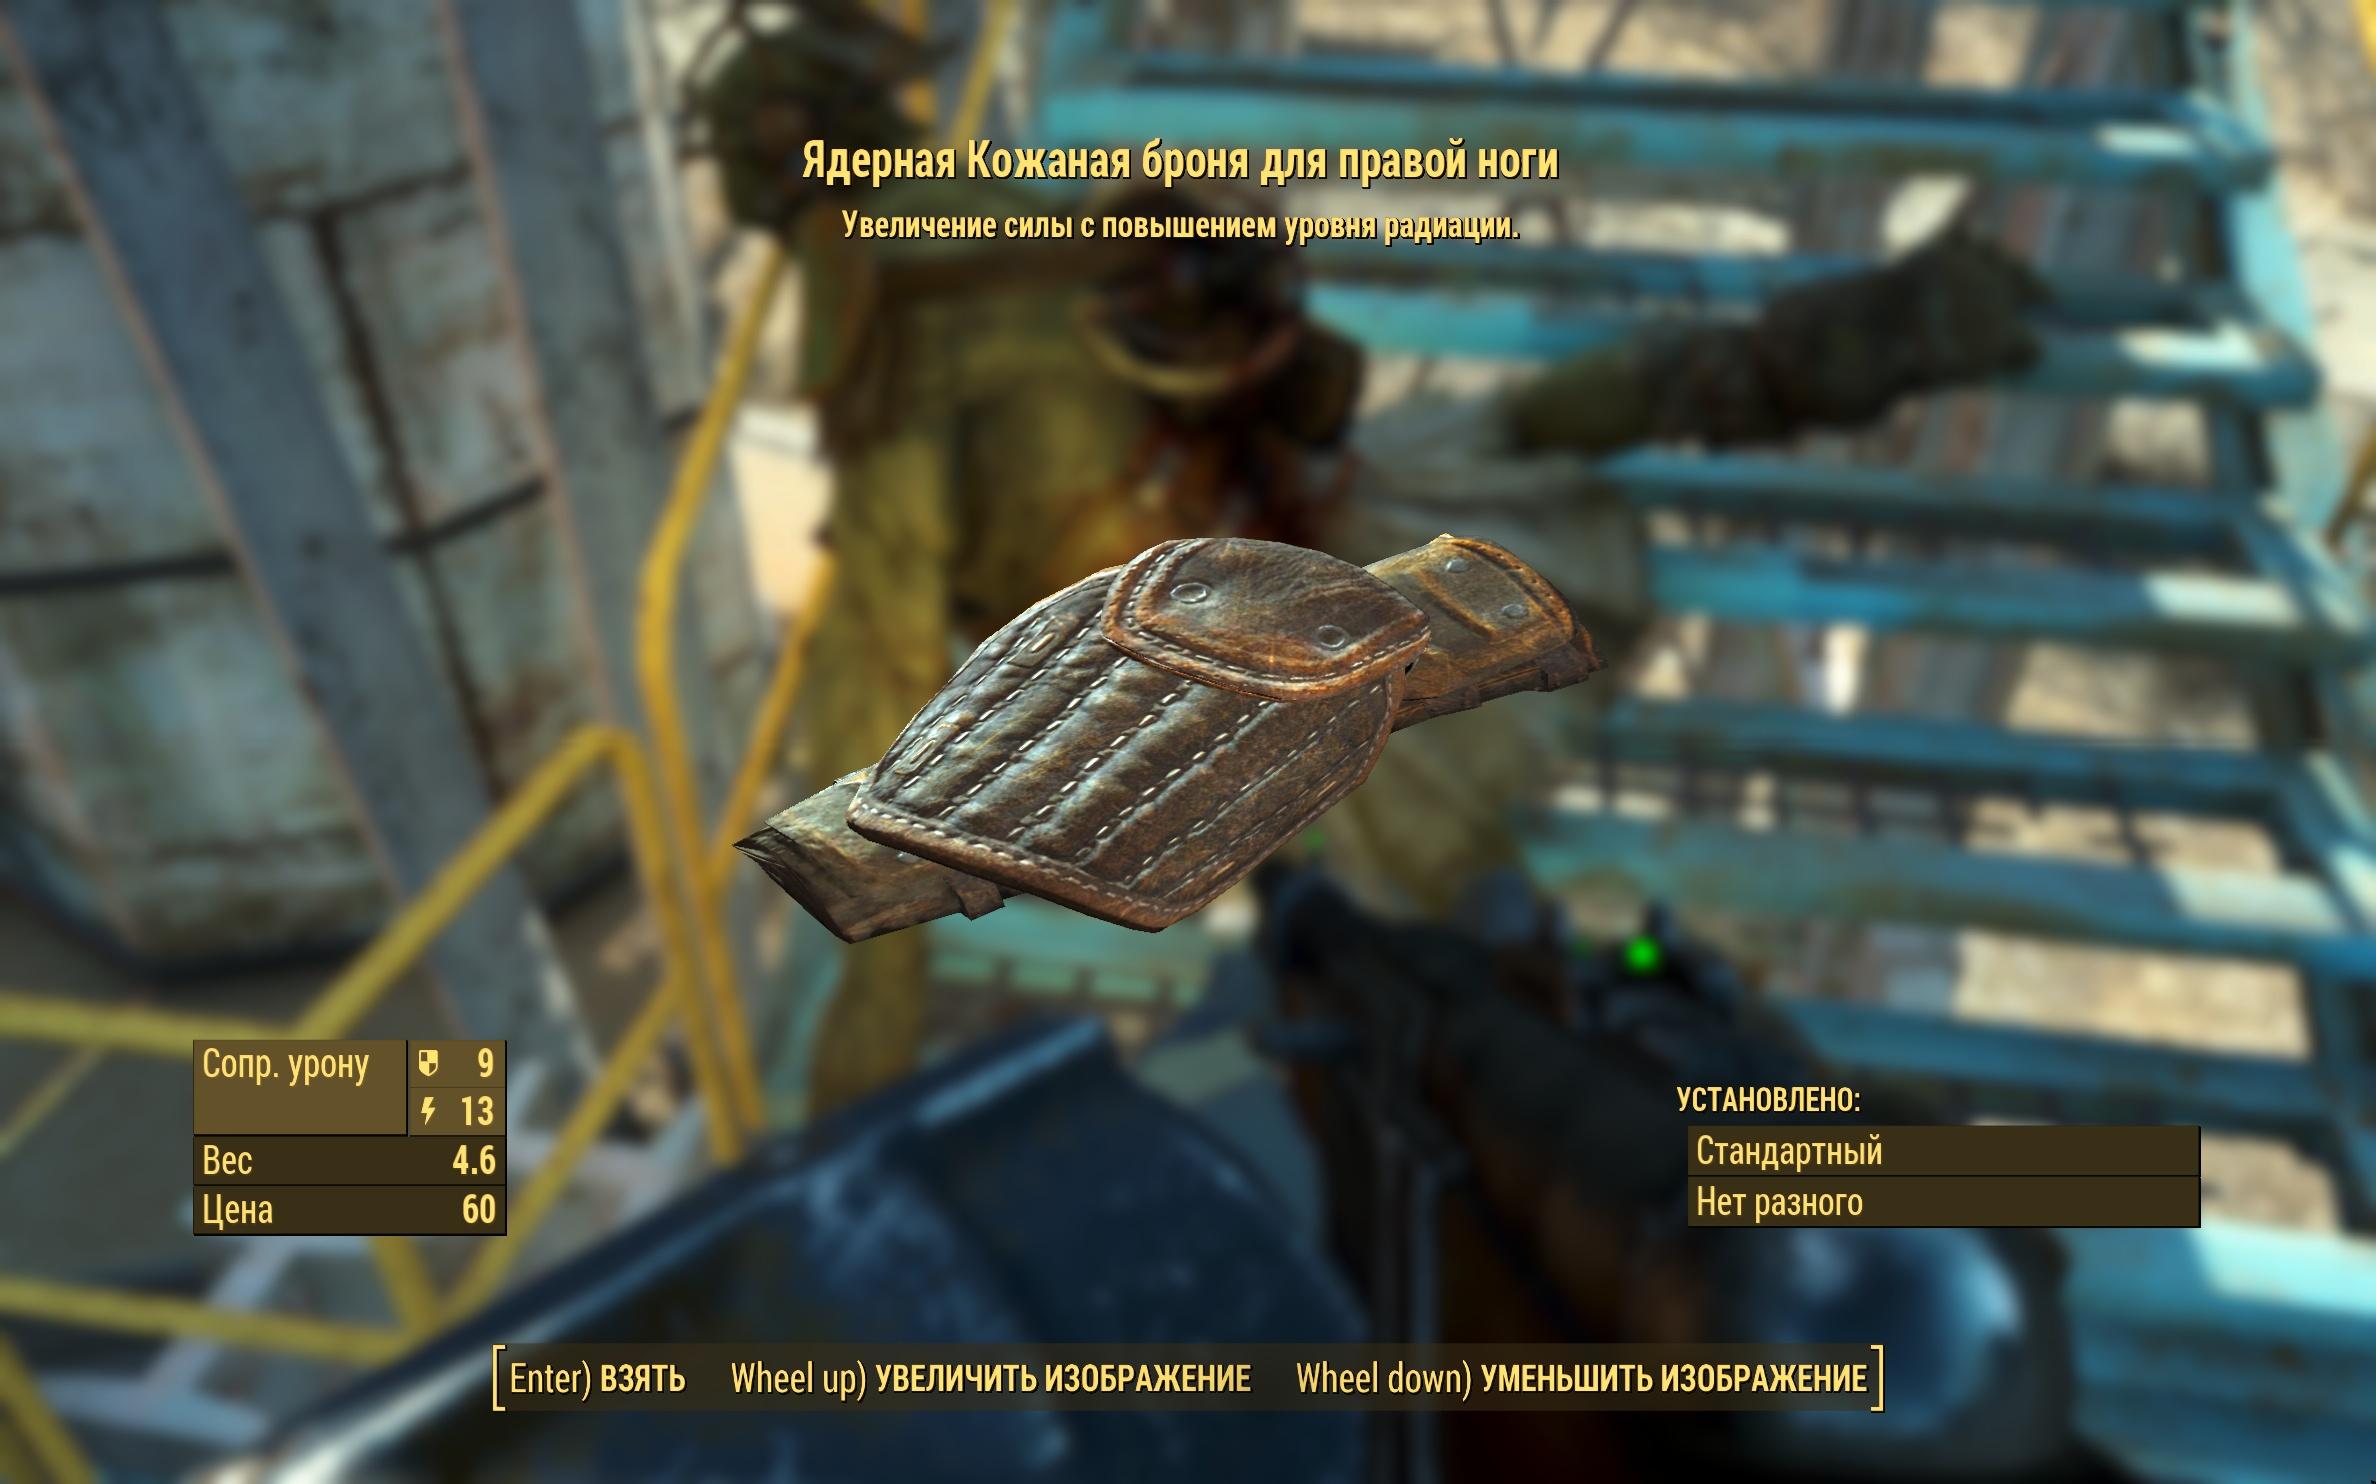 Ядерная кожаная броня для правой ноги - Fallout 4 броня, кожаная, Одежда, Ядерная